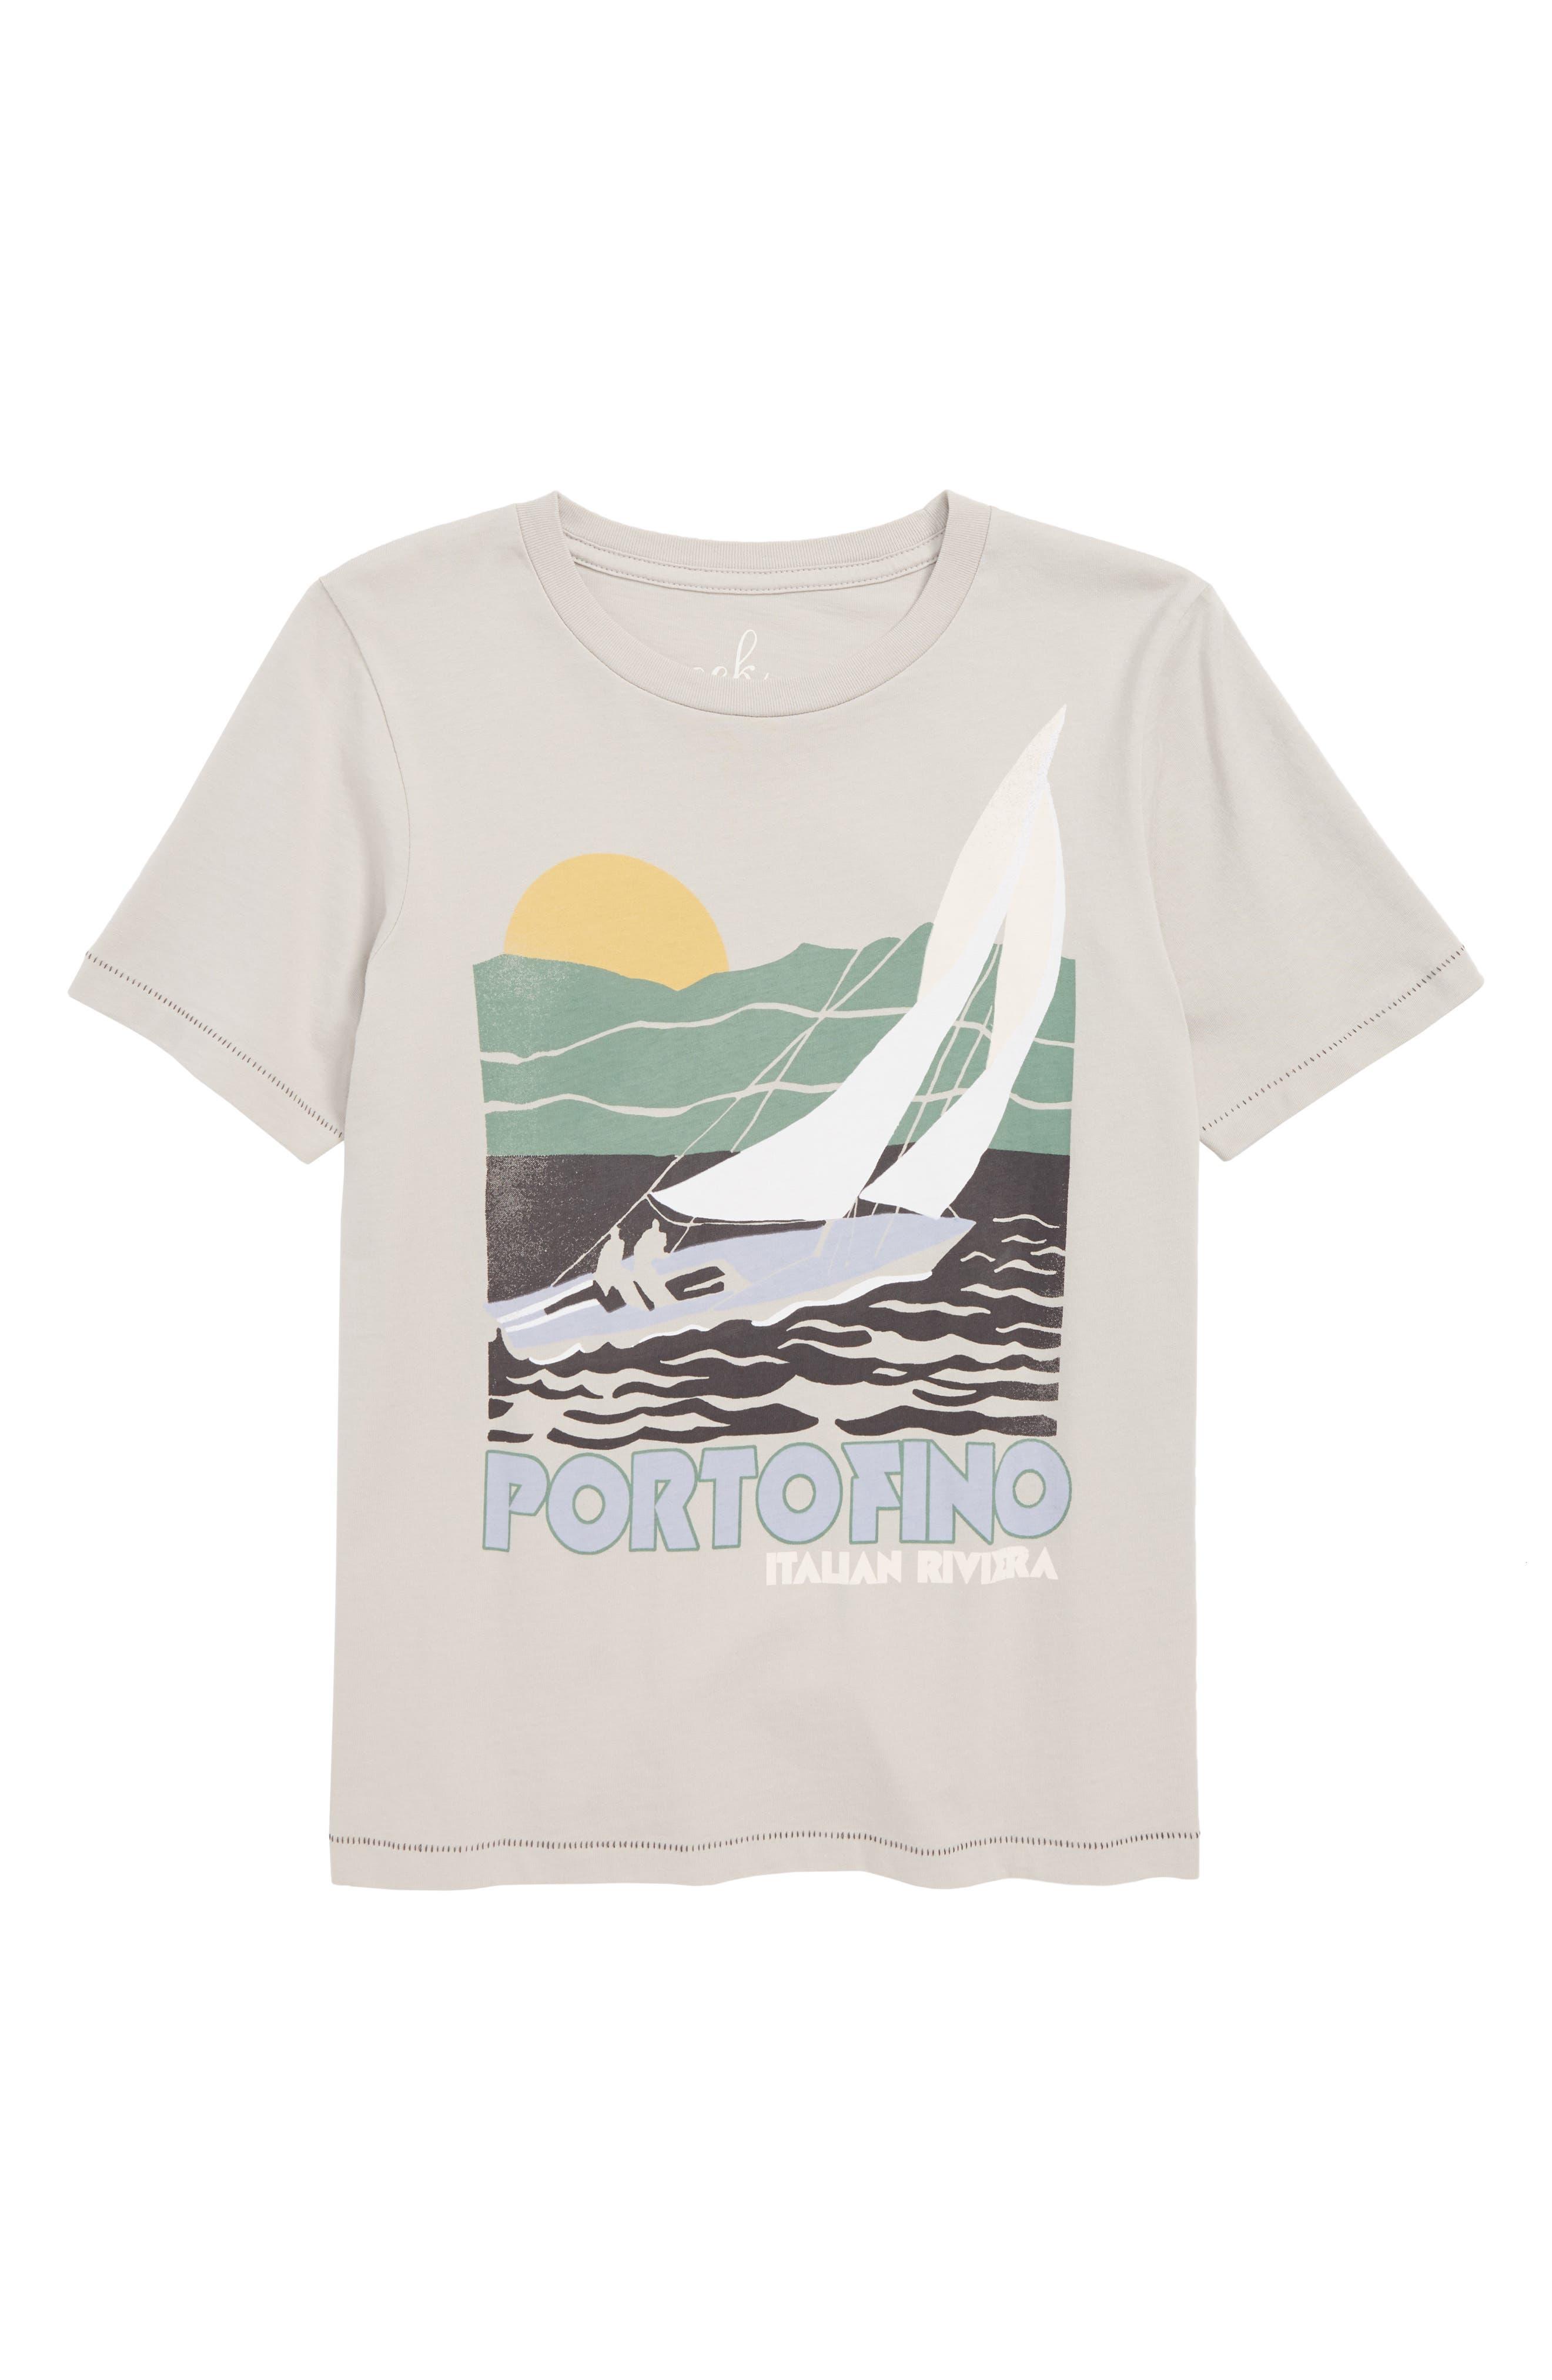 Portofino T-Shirt,                         Main,                         color, LIGHT GREY